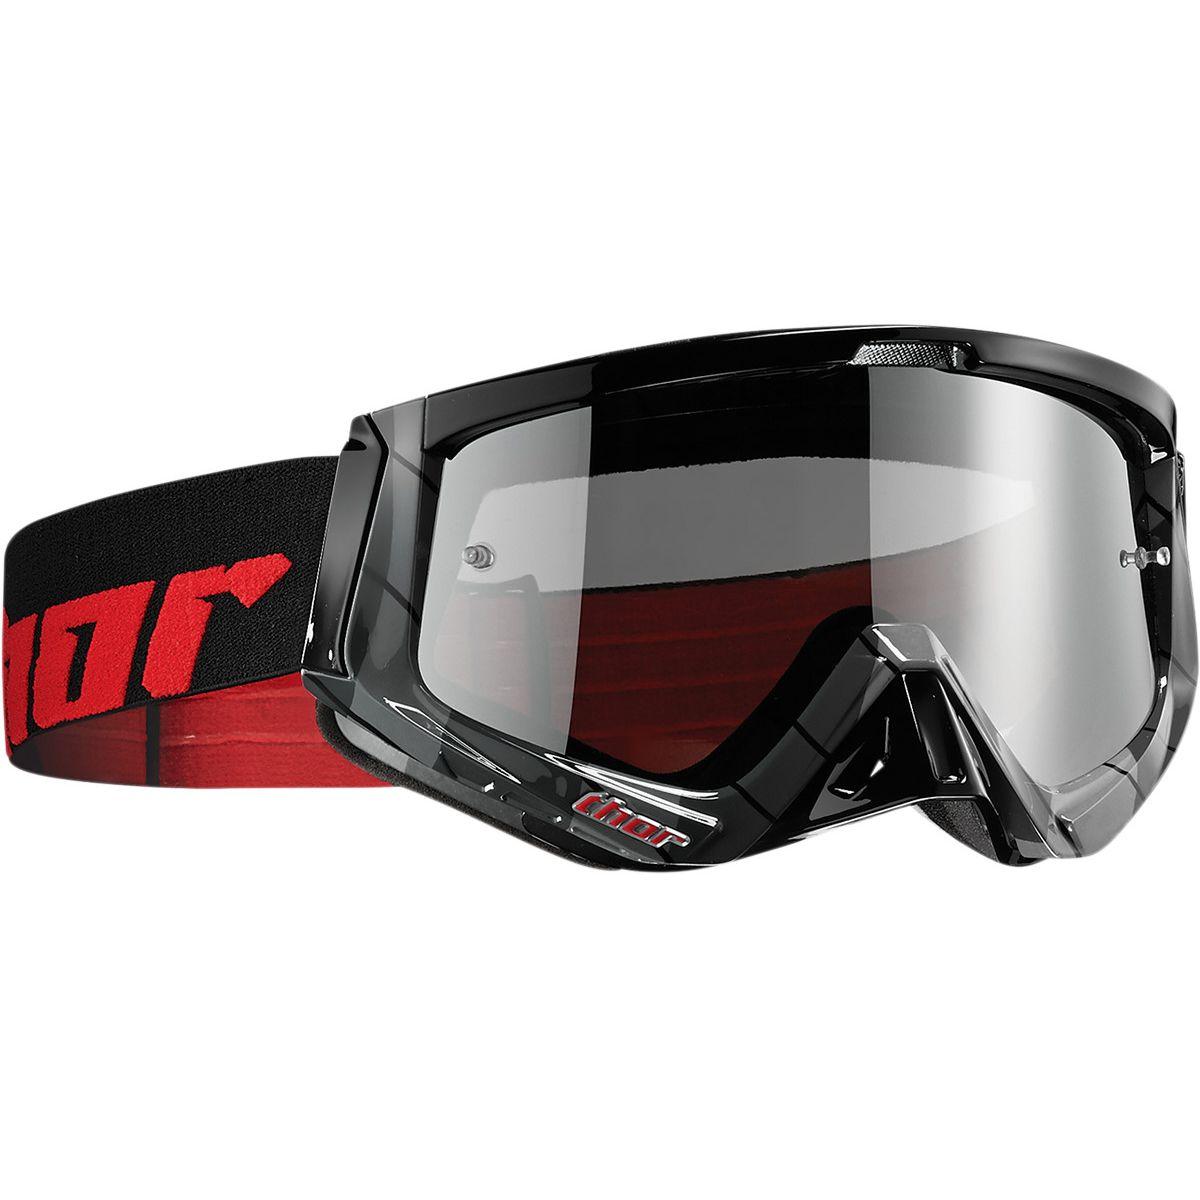 Thor - 2016 Sniper Chase очки, черно-красные